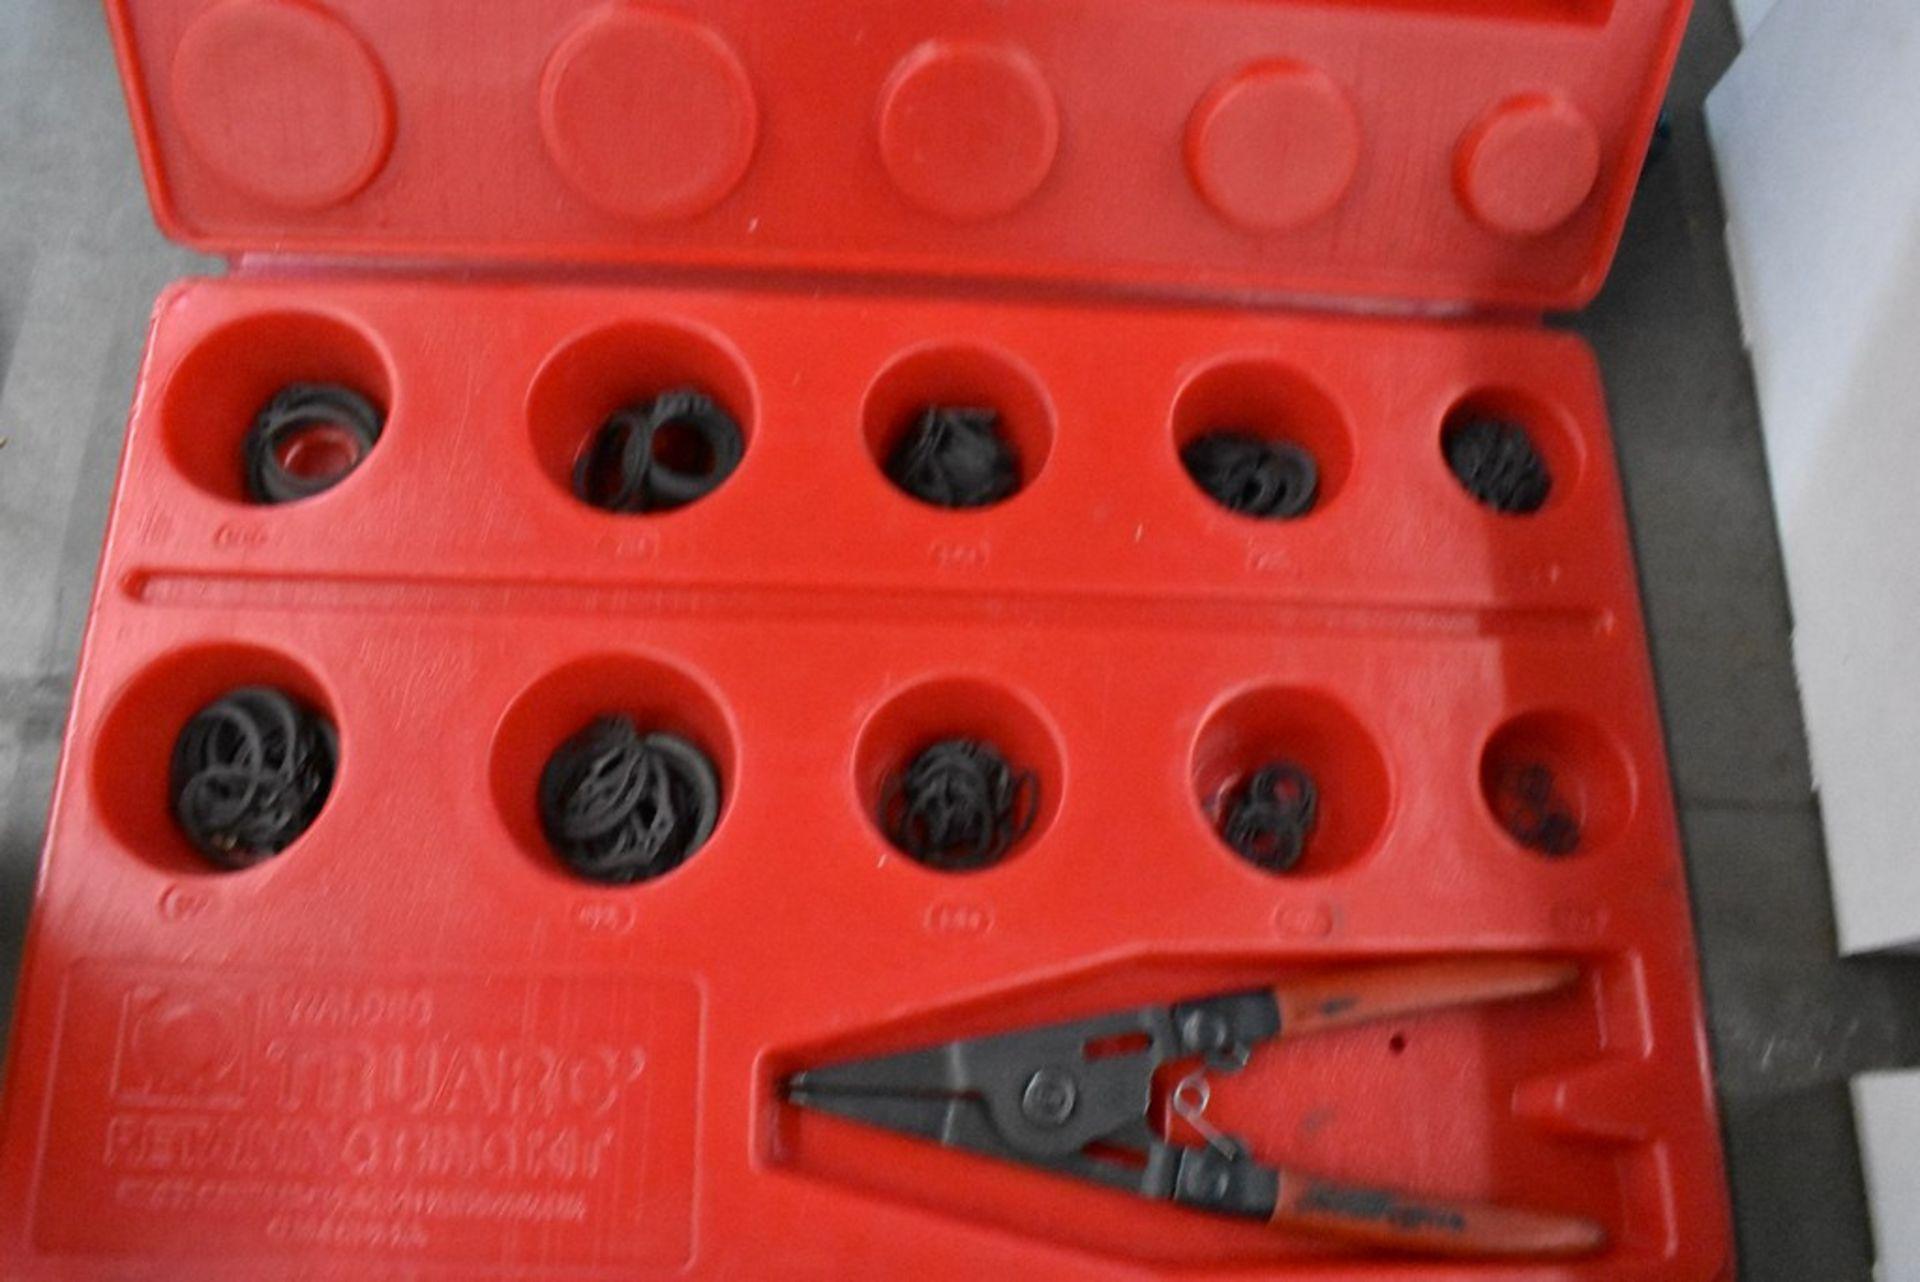 WALDES TRUARC RETAINING RING KIT - Image 2 of 4